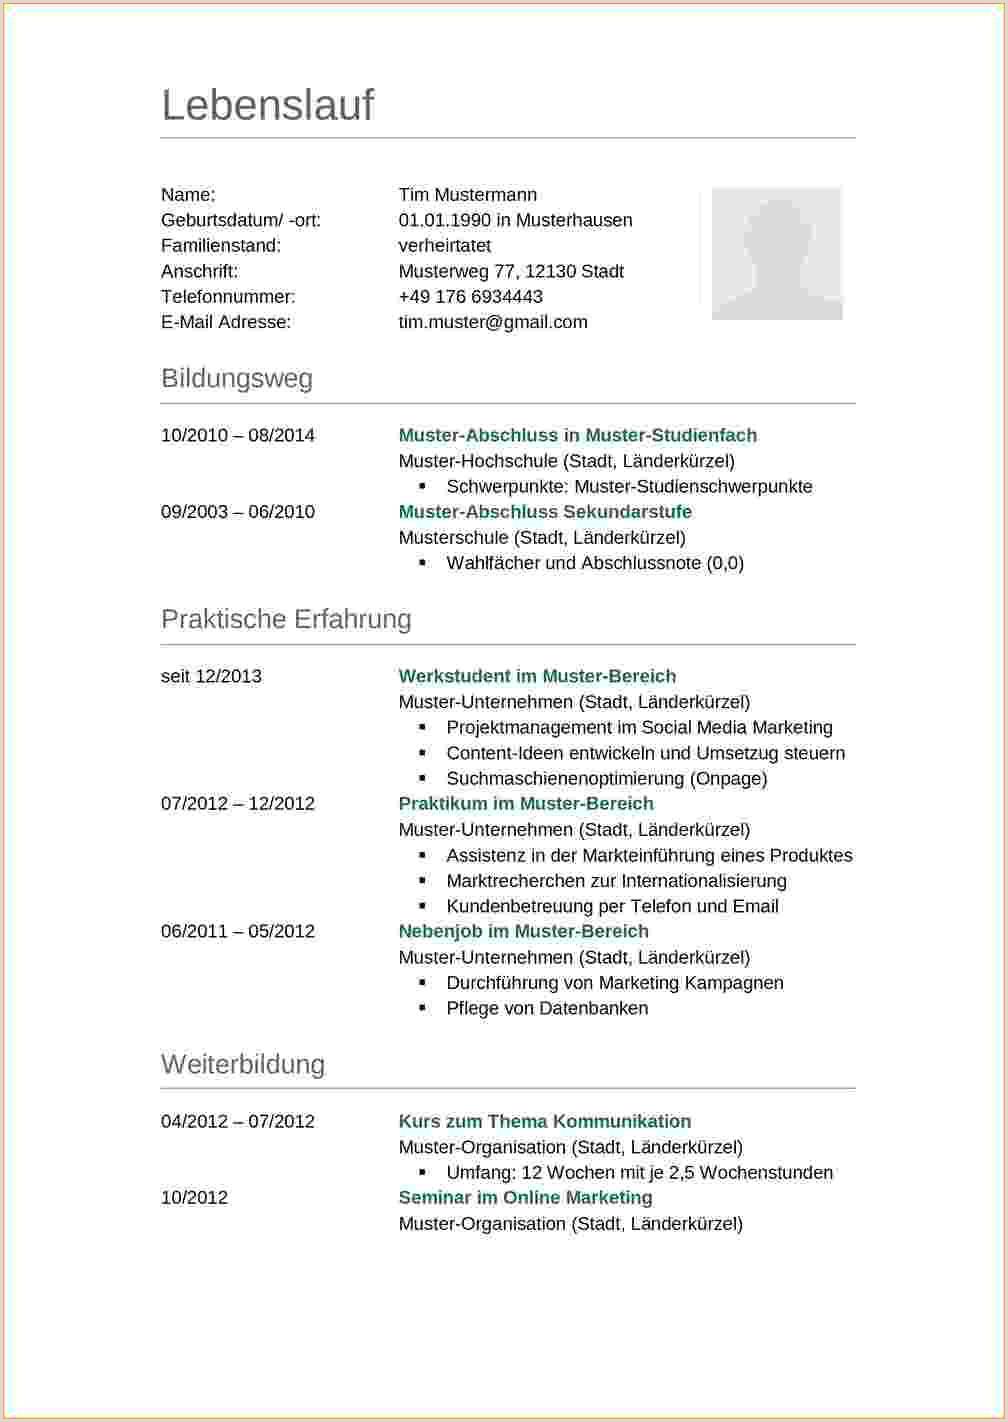 Lebenslauf Muster Lehre 15 Lebenslauf Schreiben Ausbildung